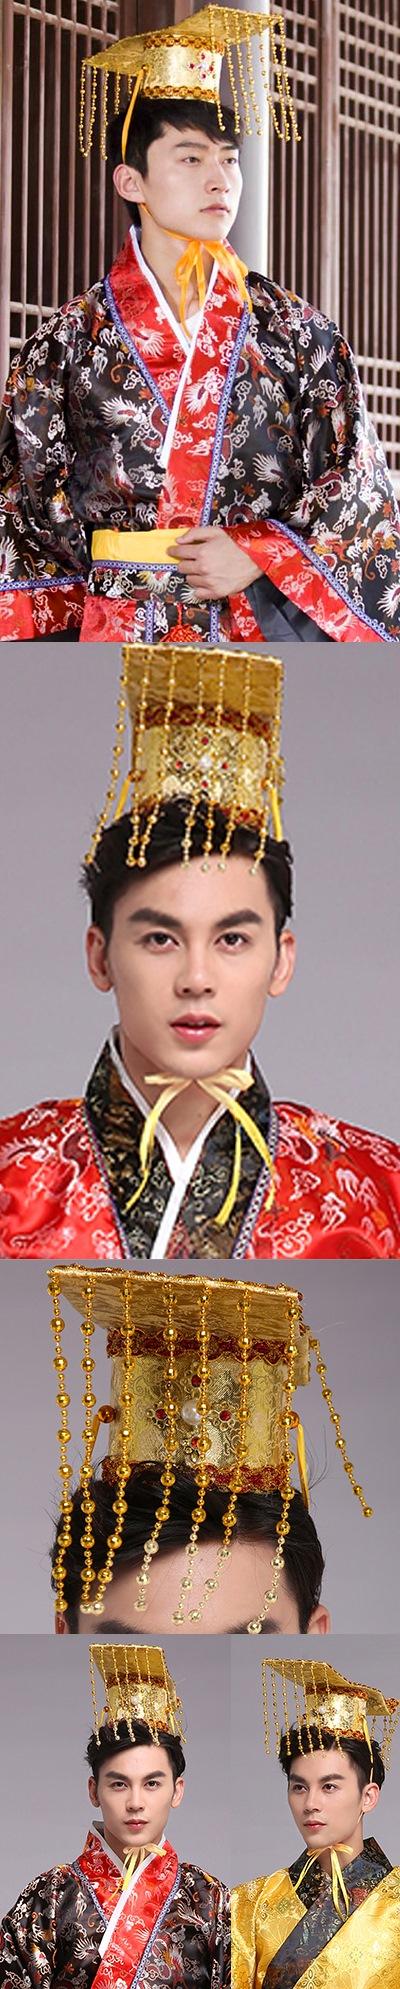 Han-dynasty Emperor Coronet